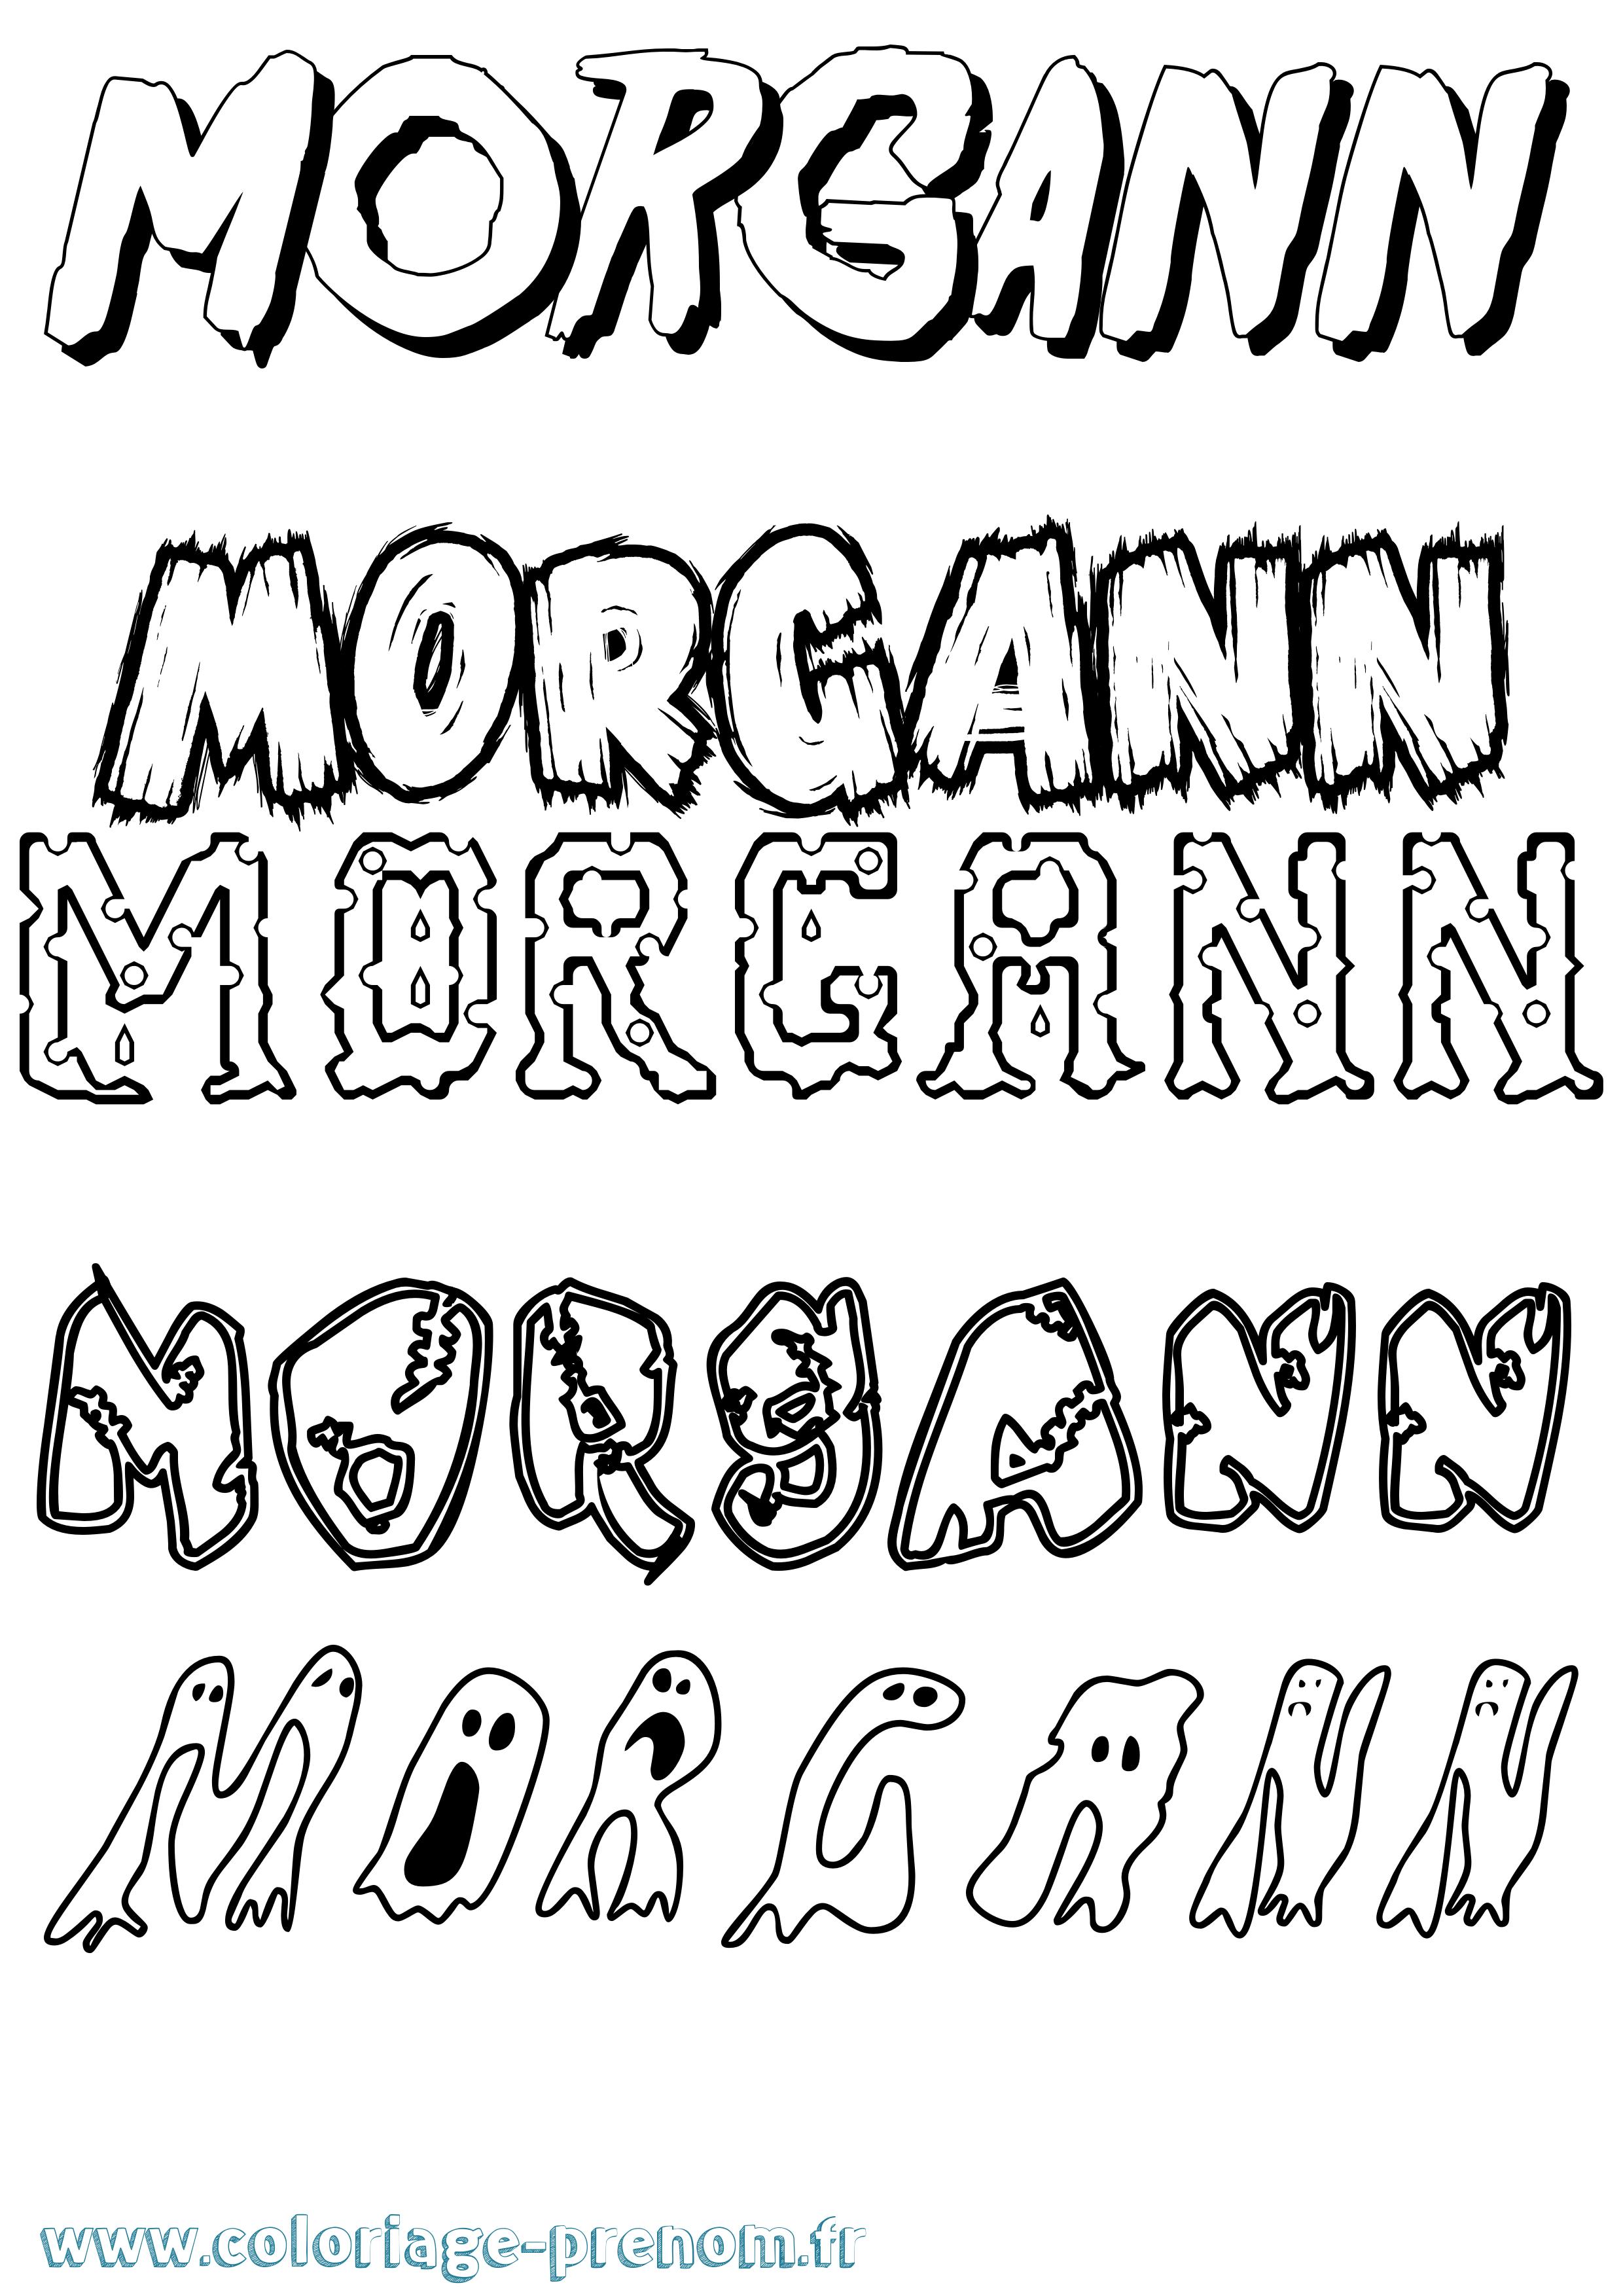 Coloriage du prénom Morgann : à Imprimer ou Télécharger ...